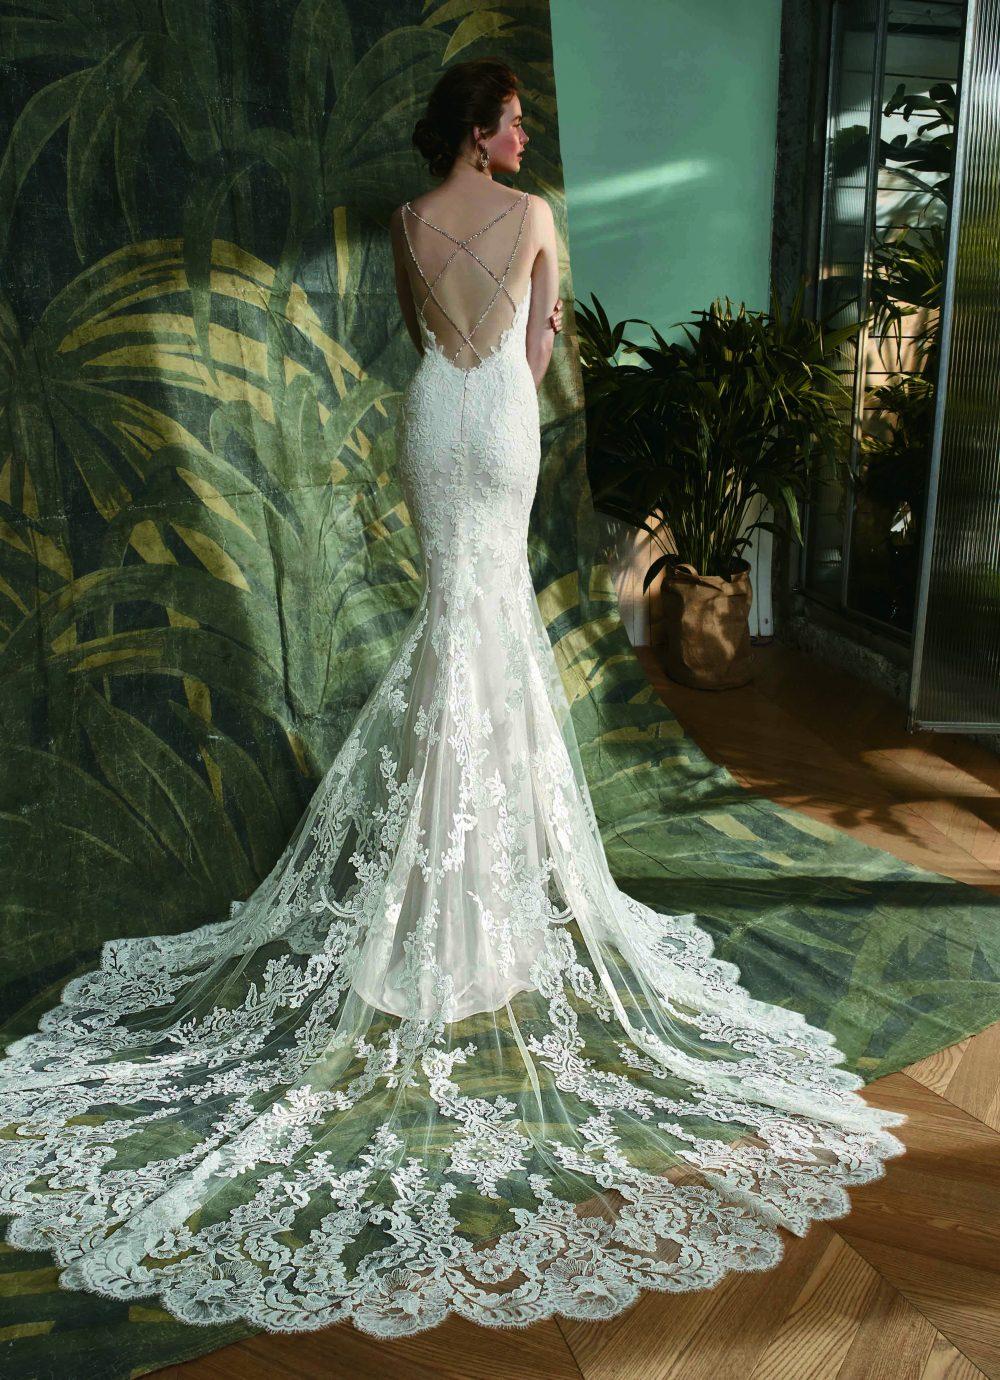 Kymmy esküvői ruha az Enzoanitól. Egyedi, lélegzetelállító hatást kelt.